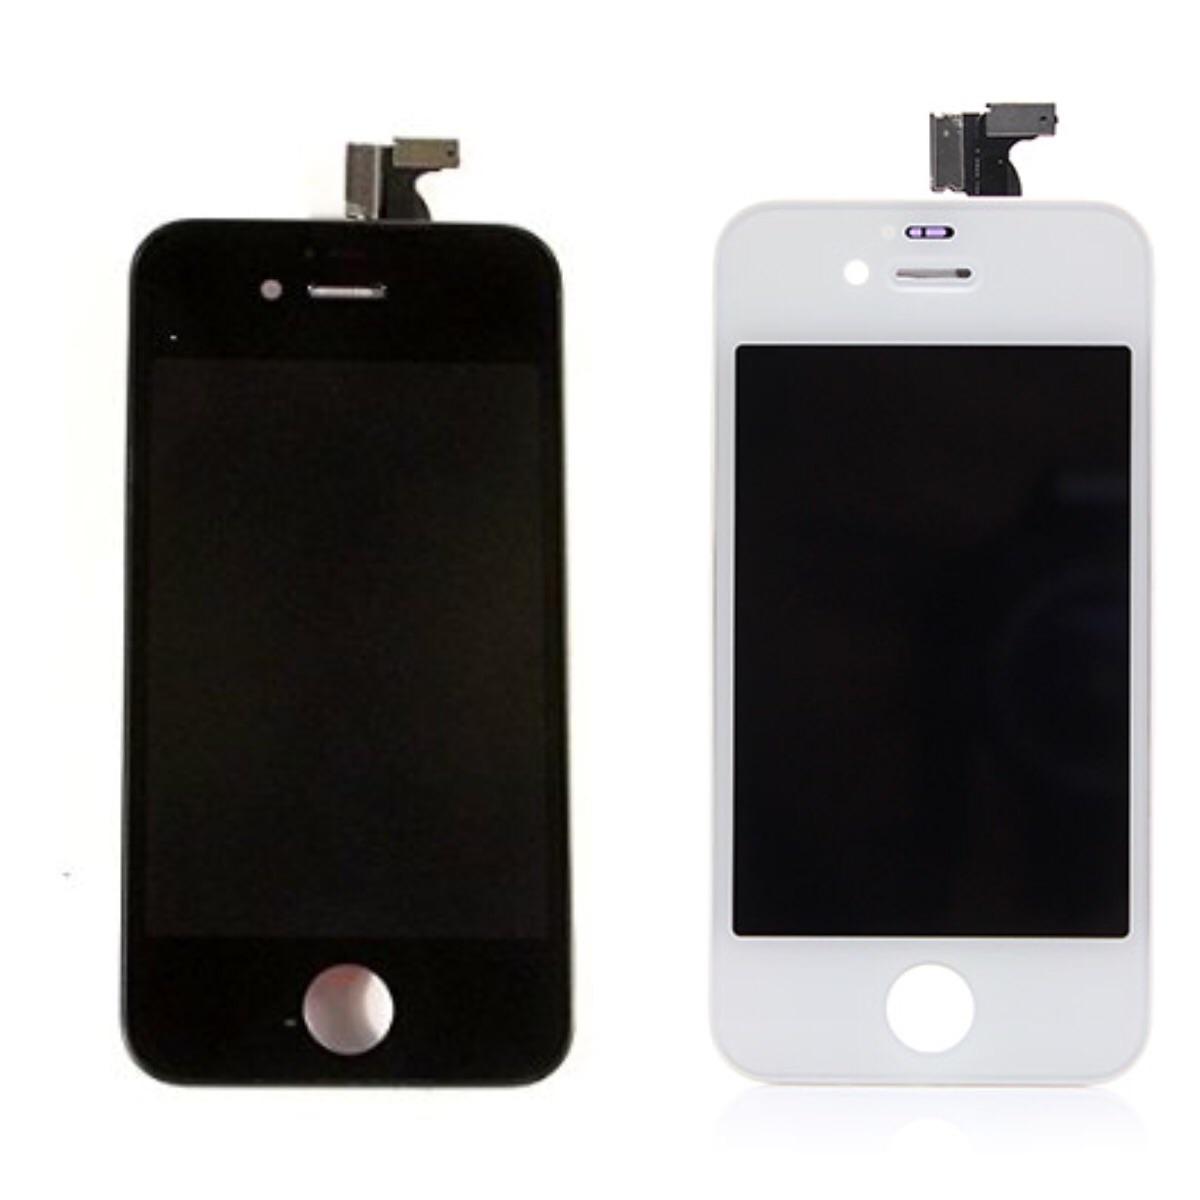 Επισκευή Οθόνης Apple iPhone 4S